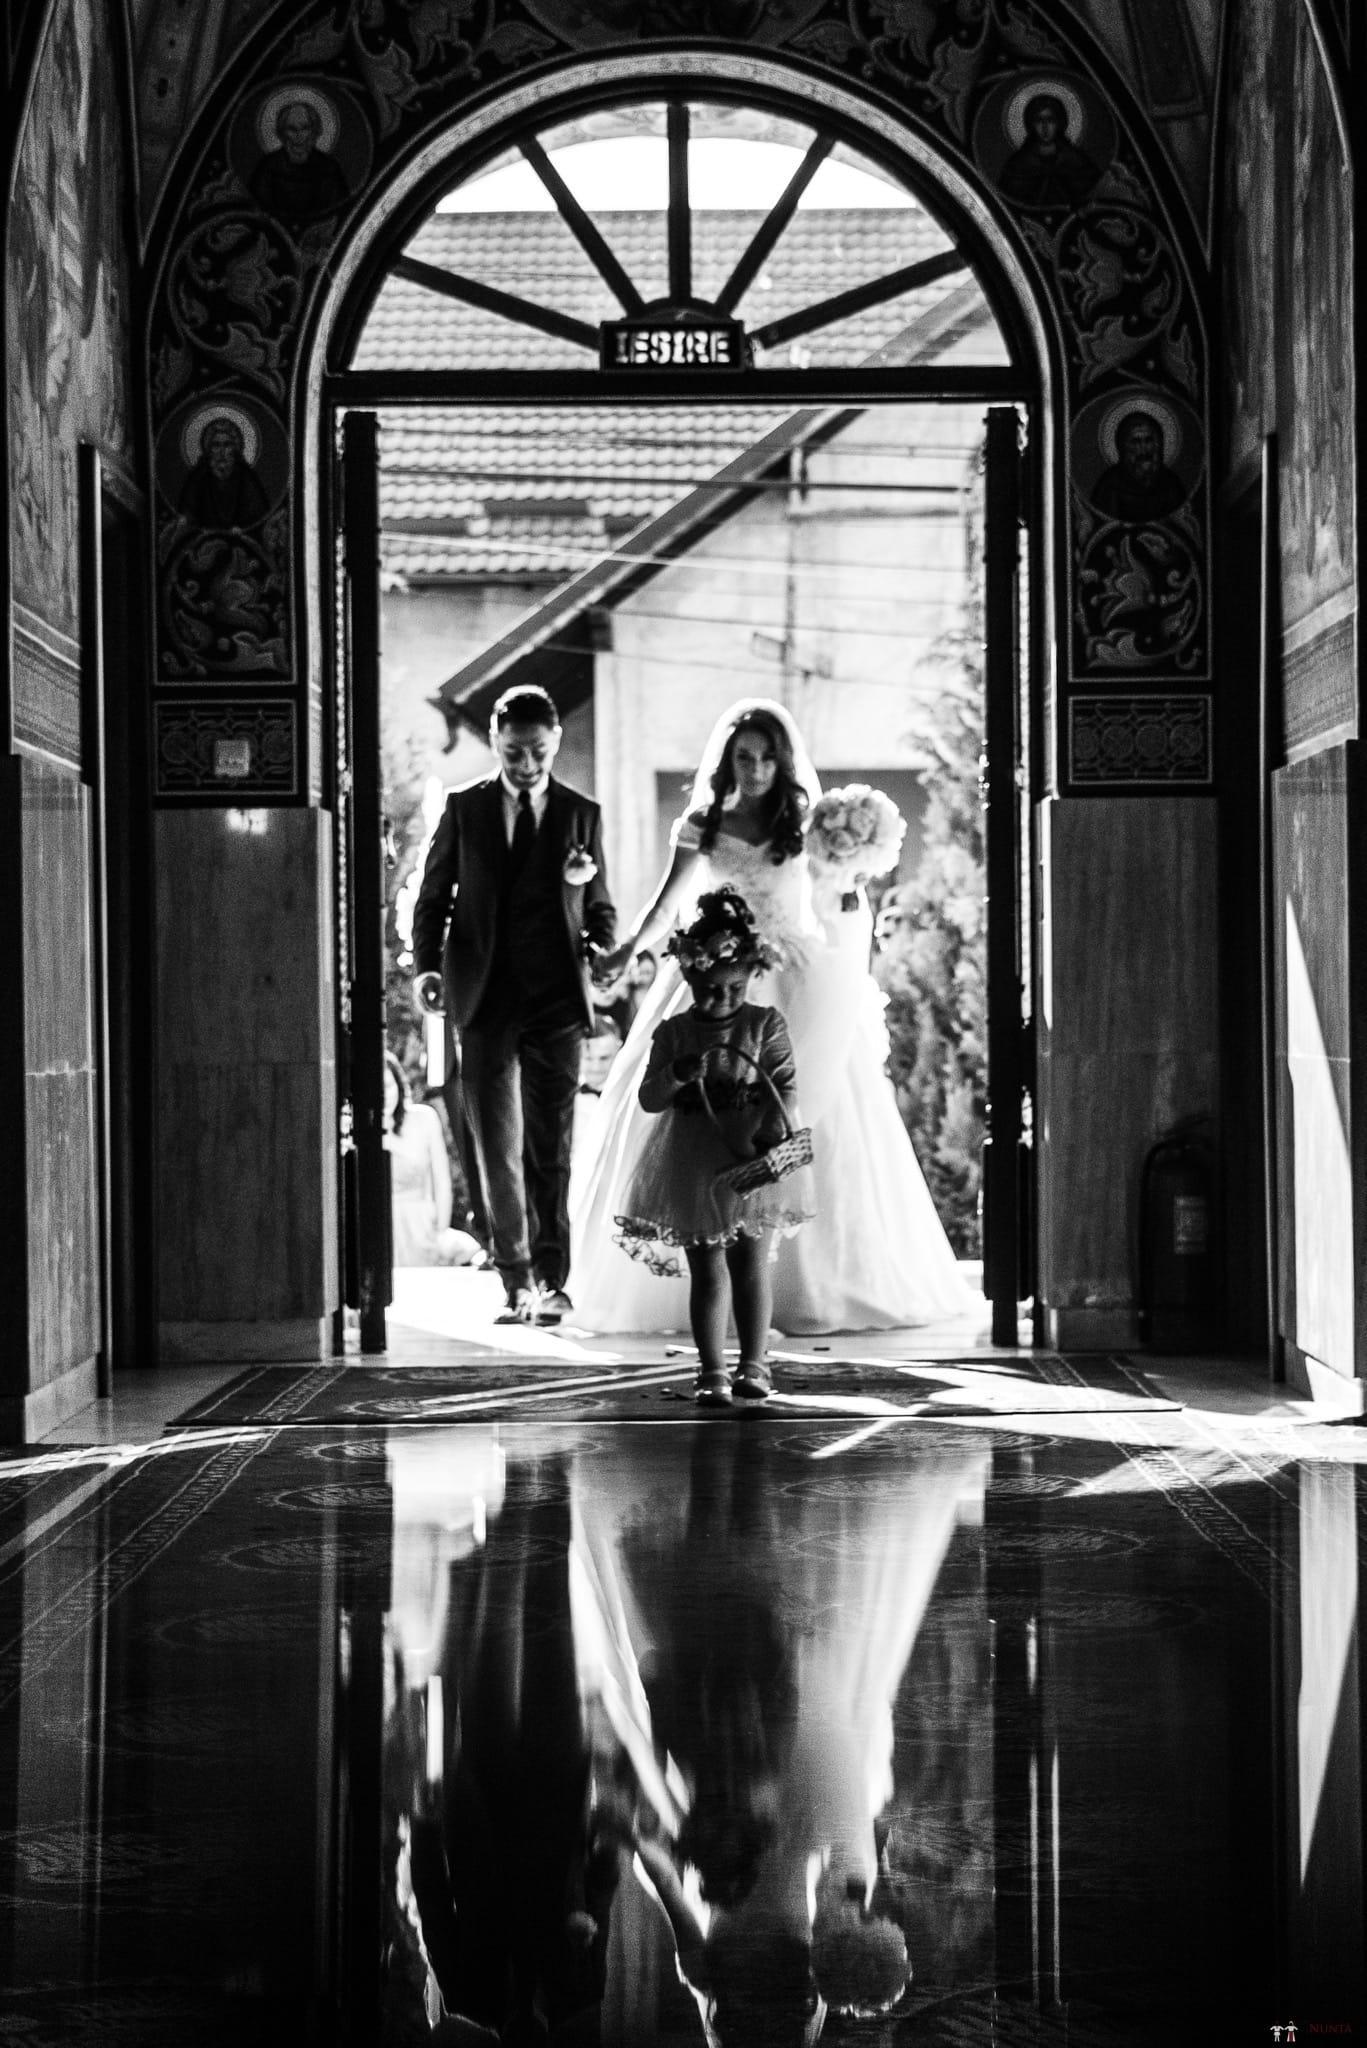 Povești Nunți Tradiționale - Irina și Alexandru, nuntă în Câmpulung Moldovenesc, Suceava 55